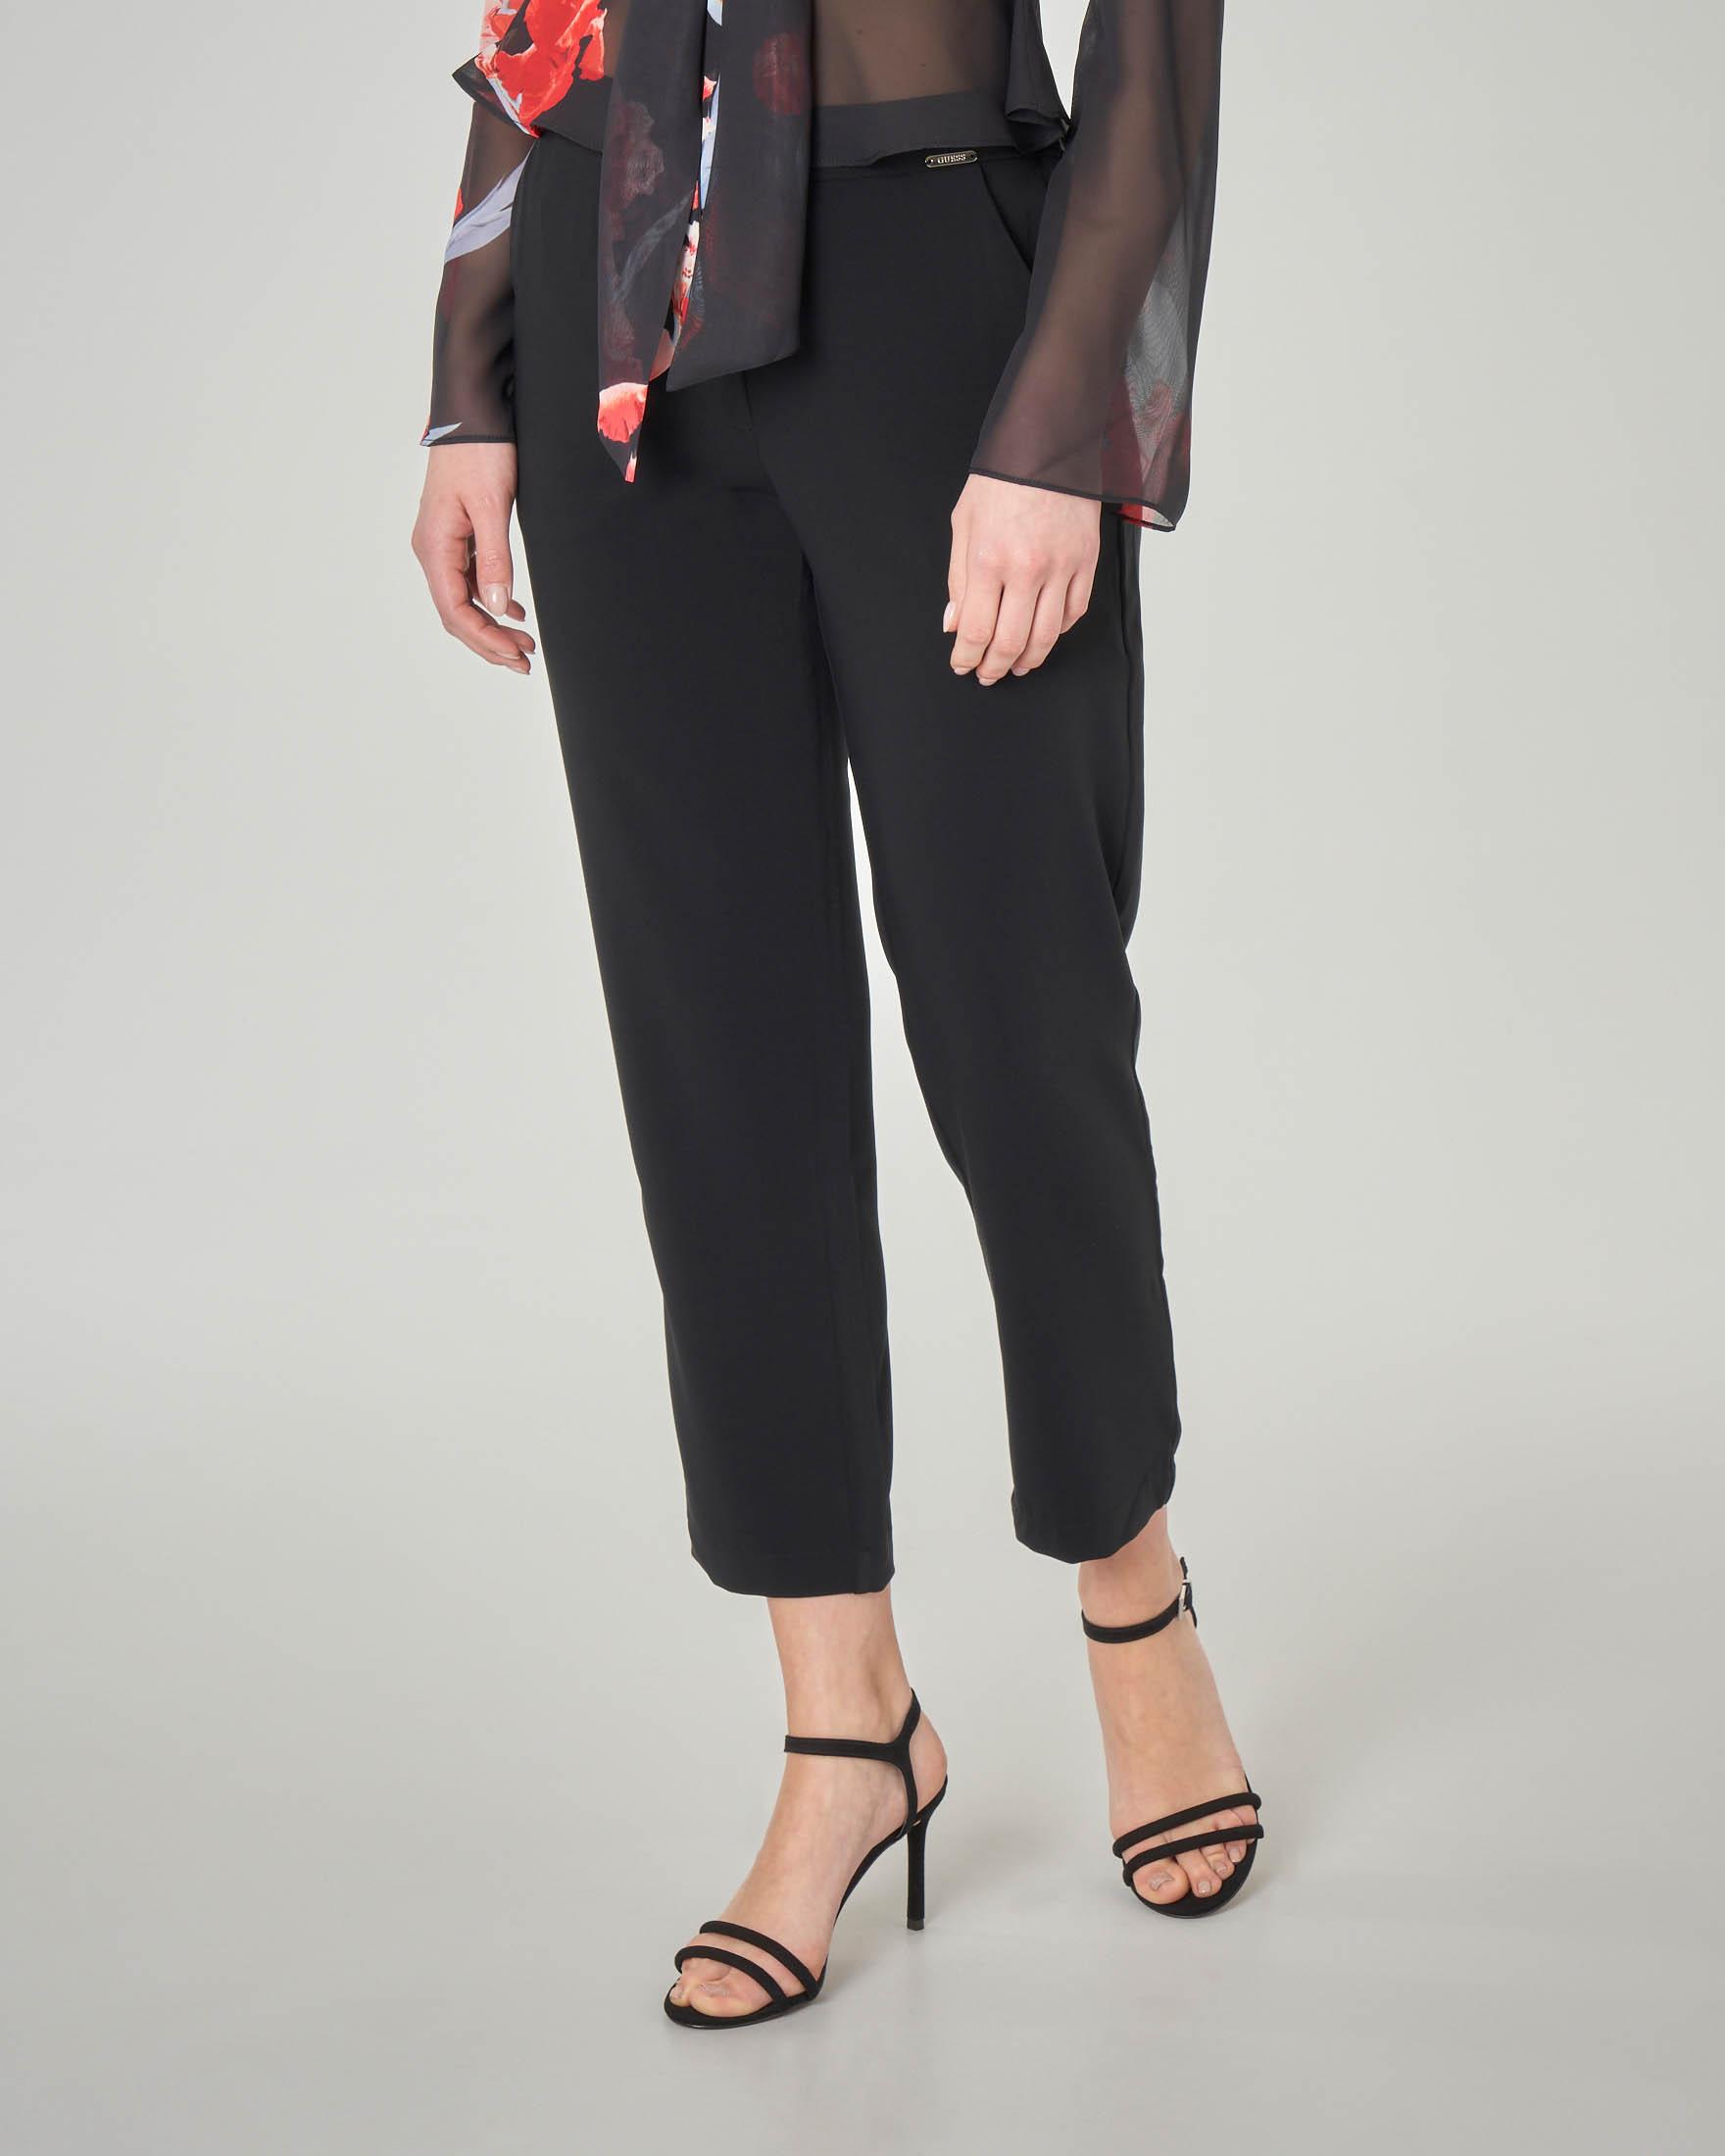 b5ffb53603e0 Pantaloni neri alla caviglia leggermente elasticizzati   Pellizzari ...